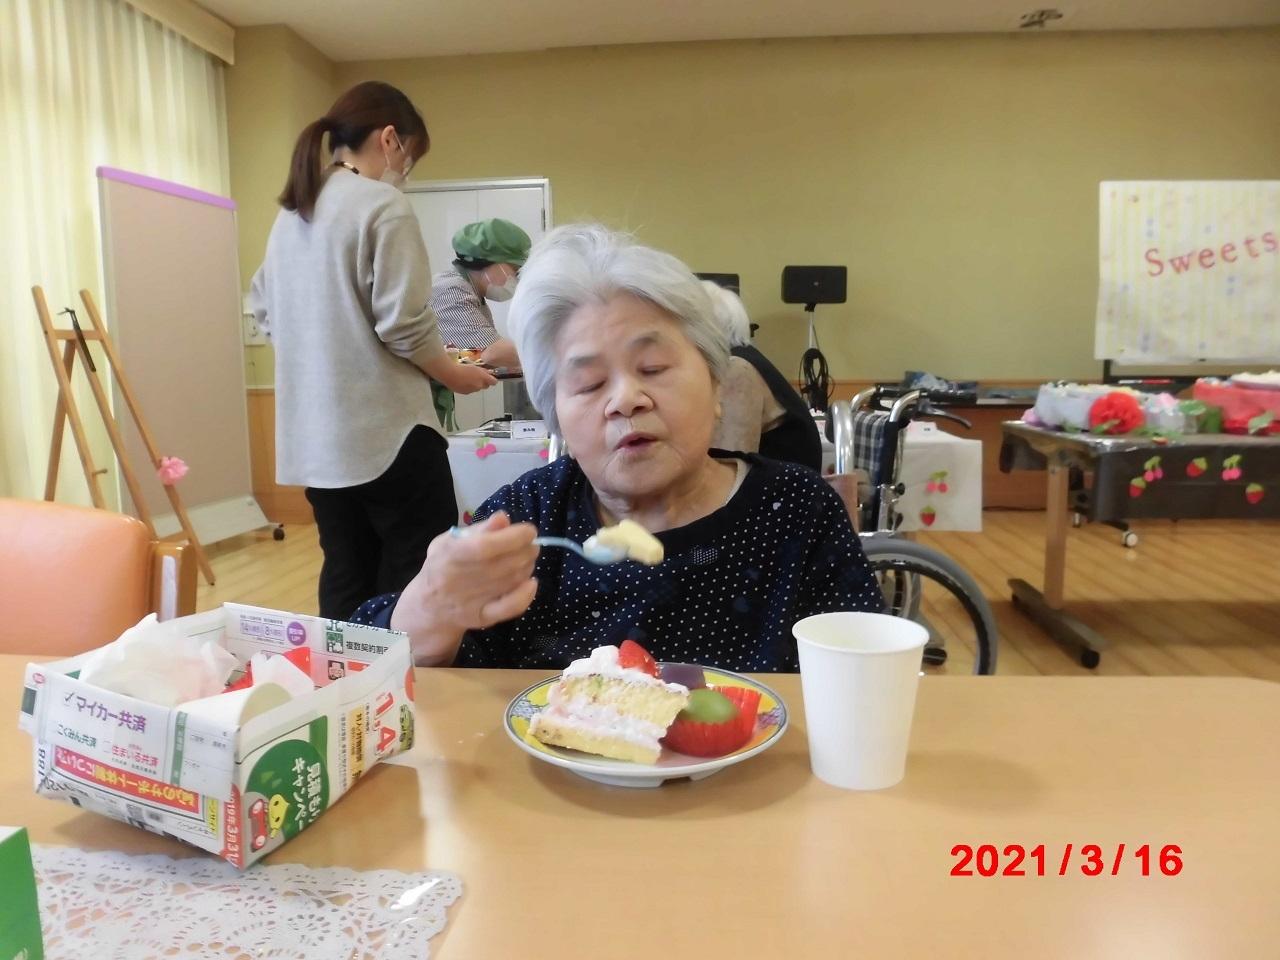 CIMG3846.jpg